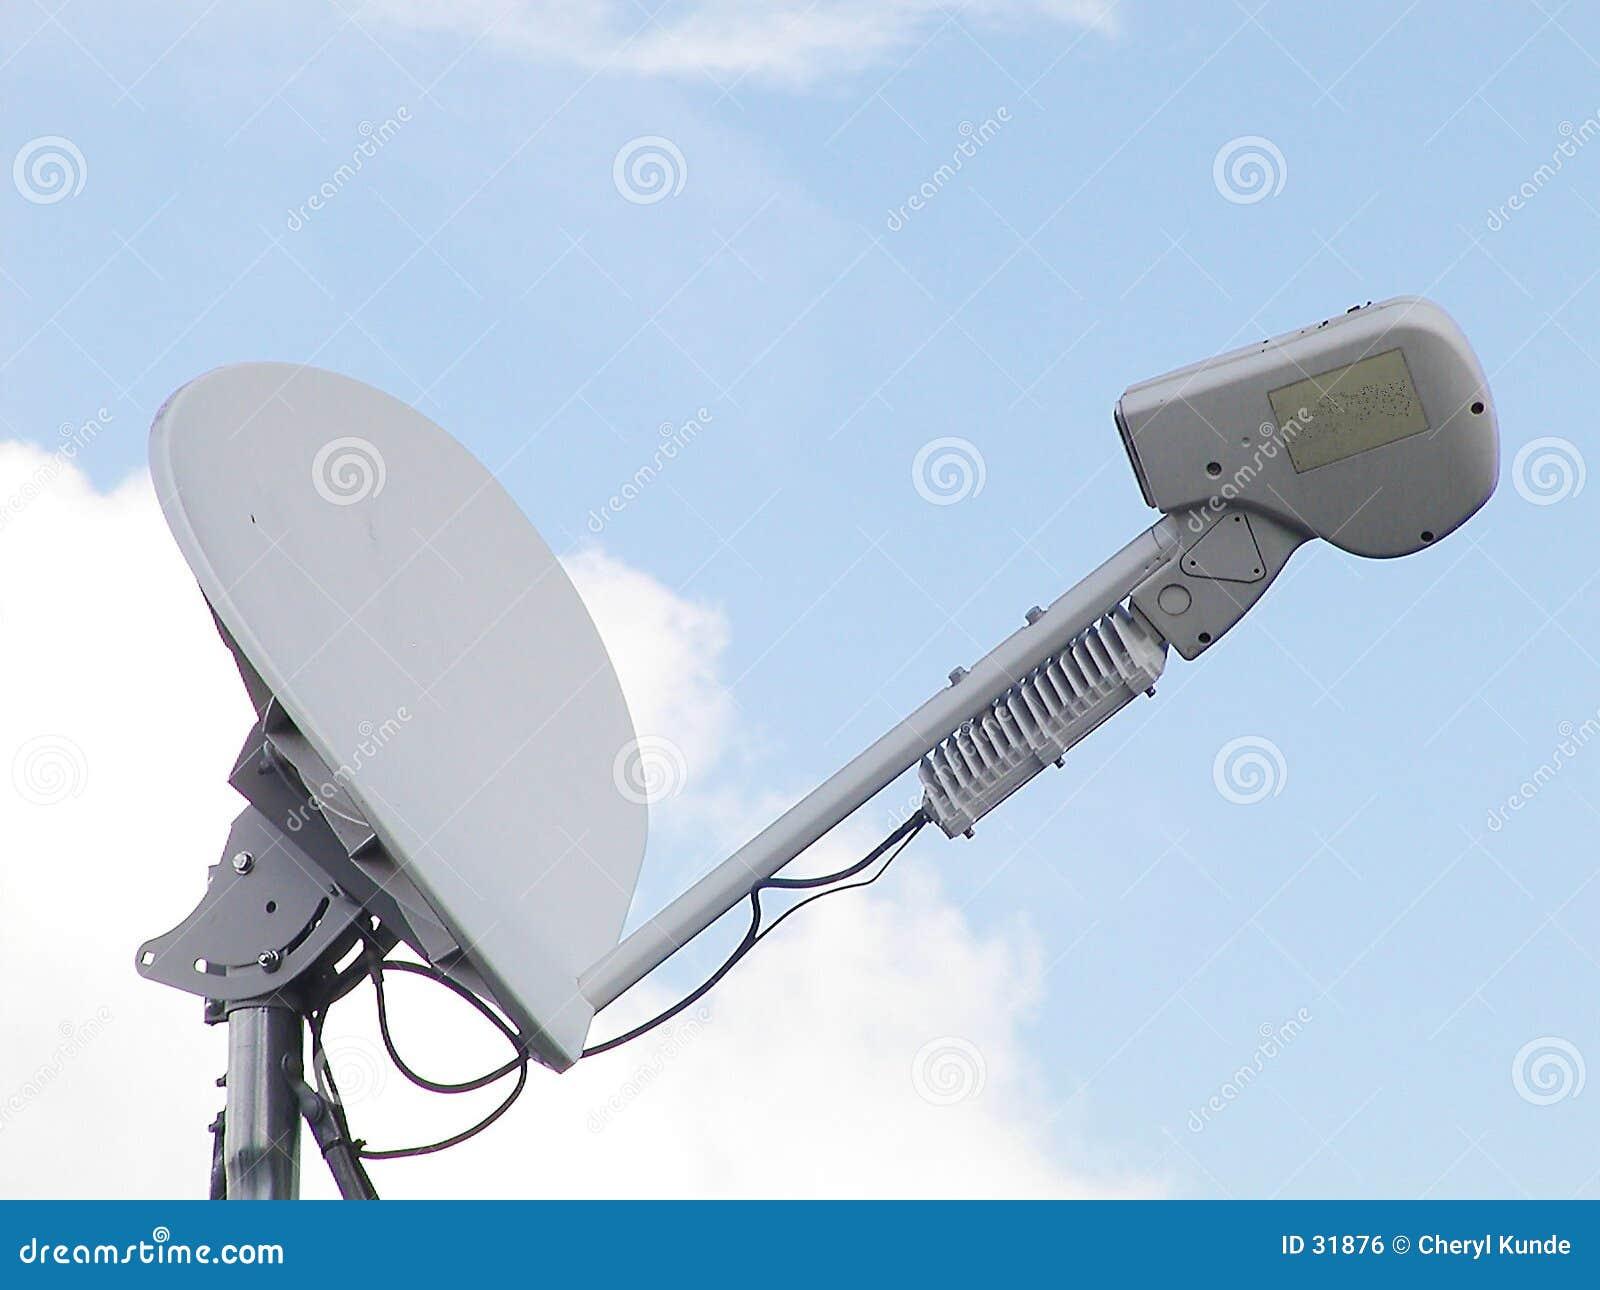 Komputerowa naczynie satelity